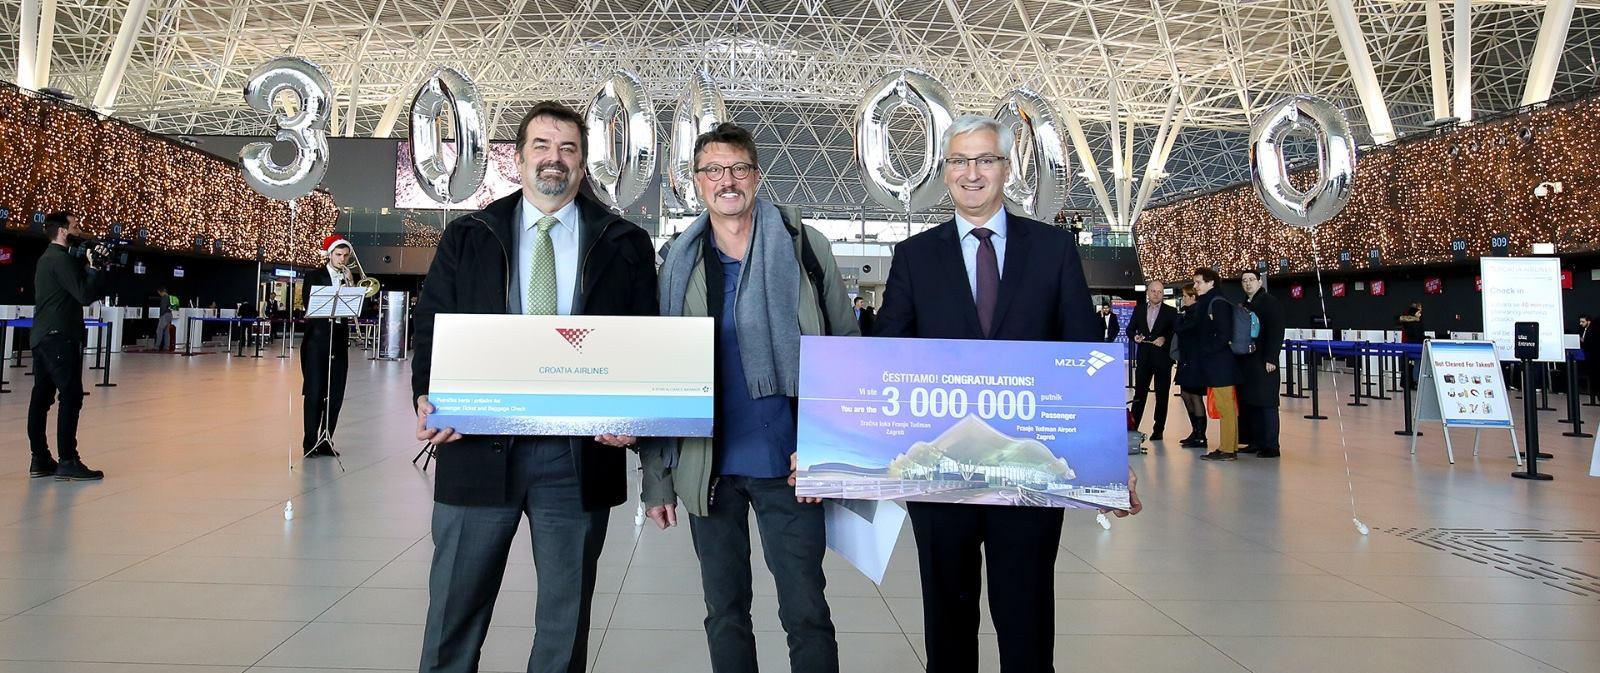 FOTO: Zračna luka Franjo Tuđman prvi put u povijesti bilježi tri milijuna putnika